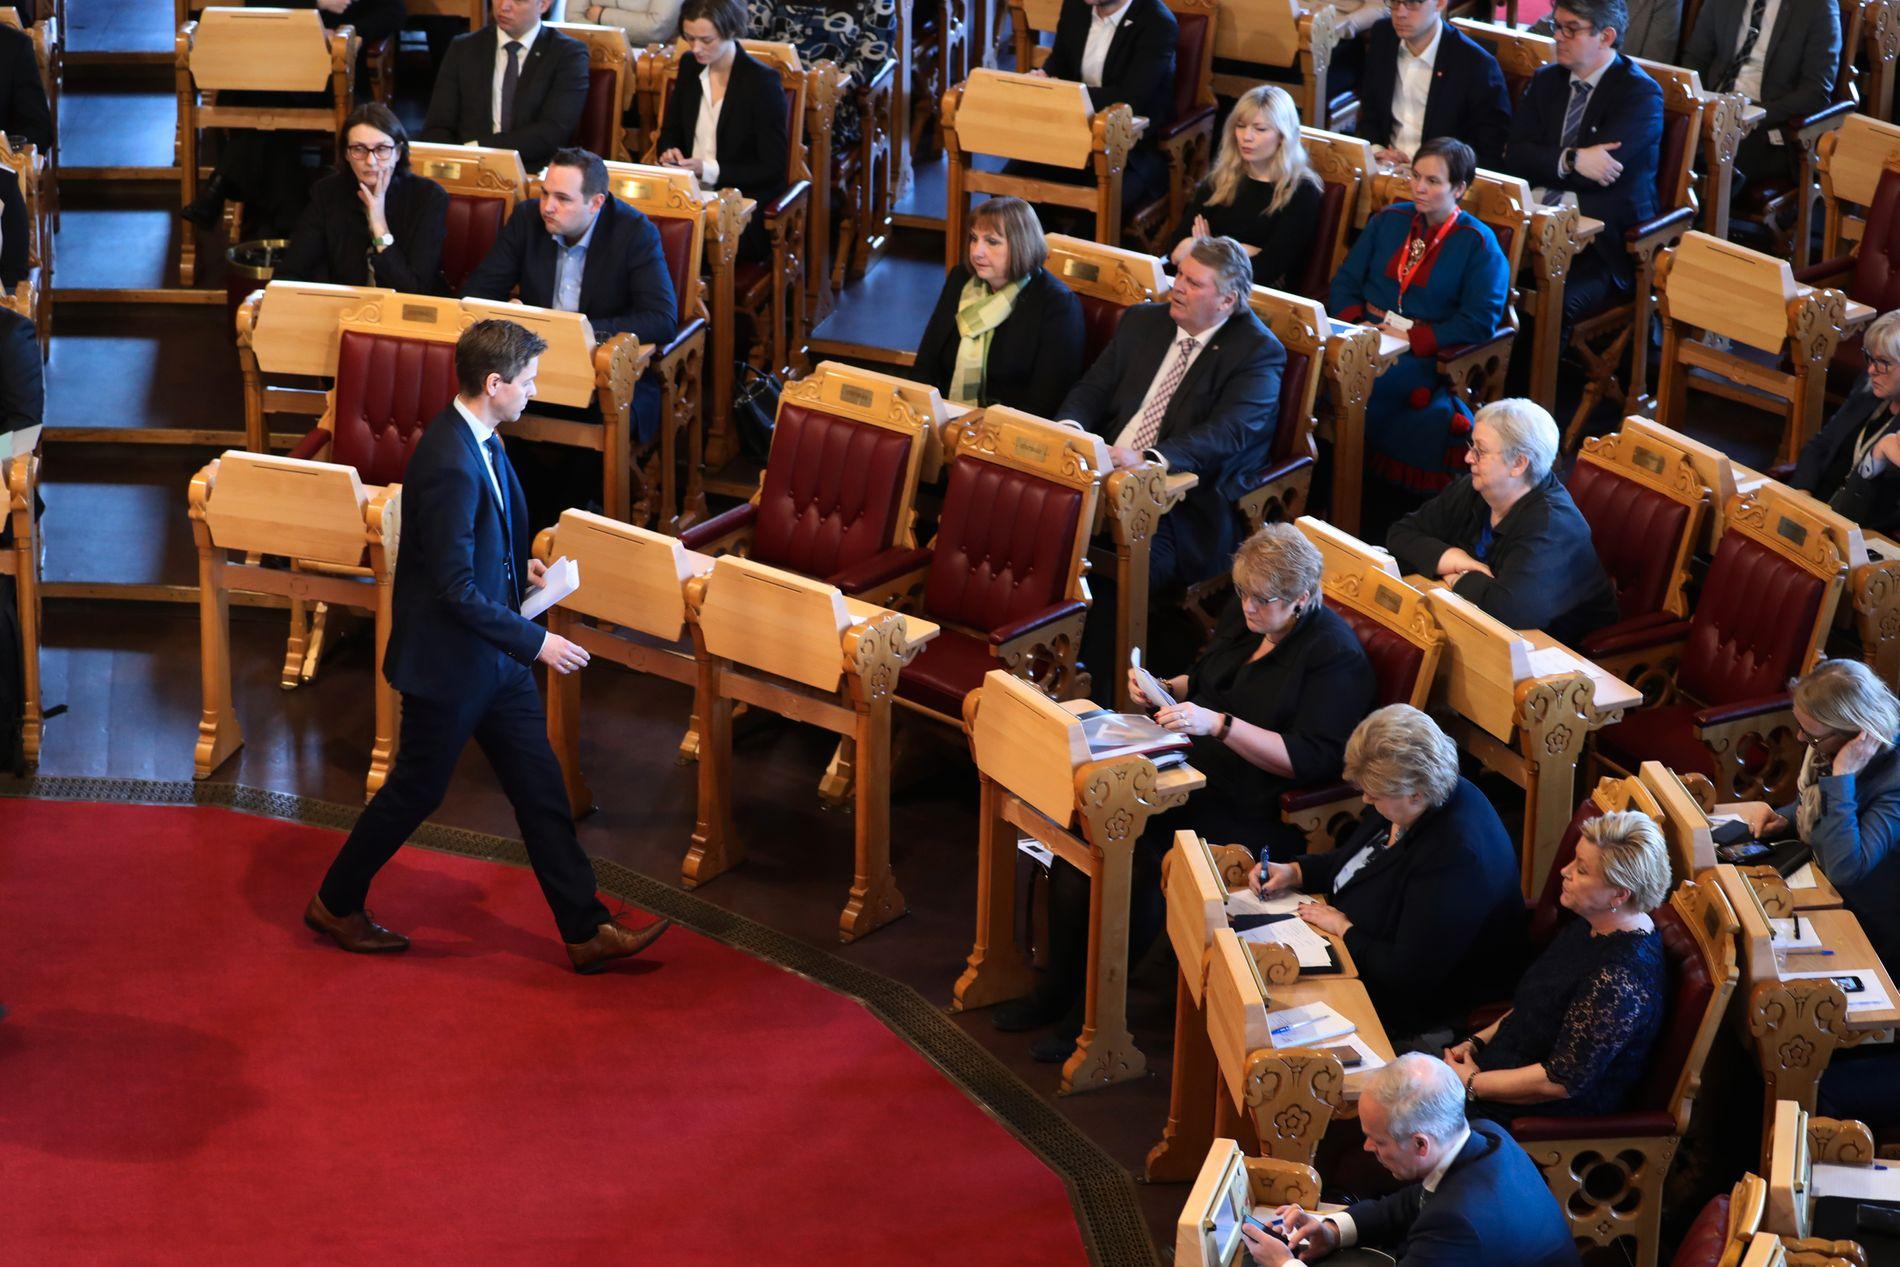 RIKTIG AV JUSTISMINISTEREN: På talerstolen på Stortinget tirsdag formiddag sa Knut Arild Hareide (KrF) at det er riktig at justisministeren på eget initiativ tar konsekvensen og trer tilbake.